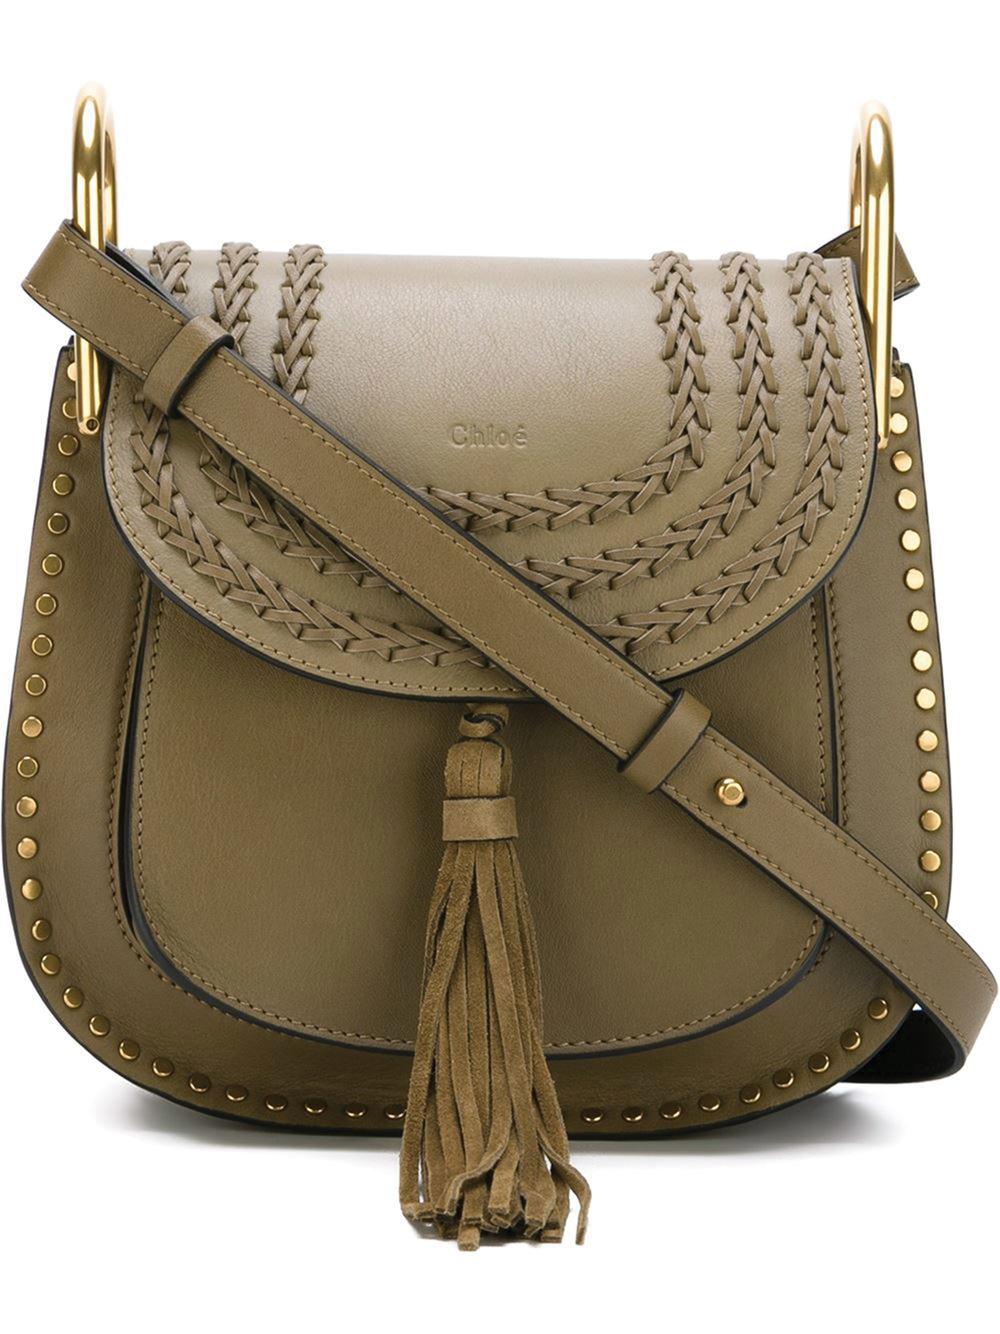 Chloé Hudson Shoulder Bag $2,417